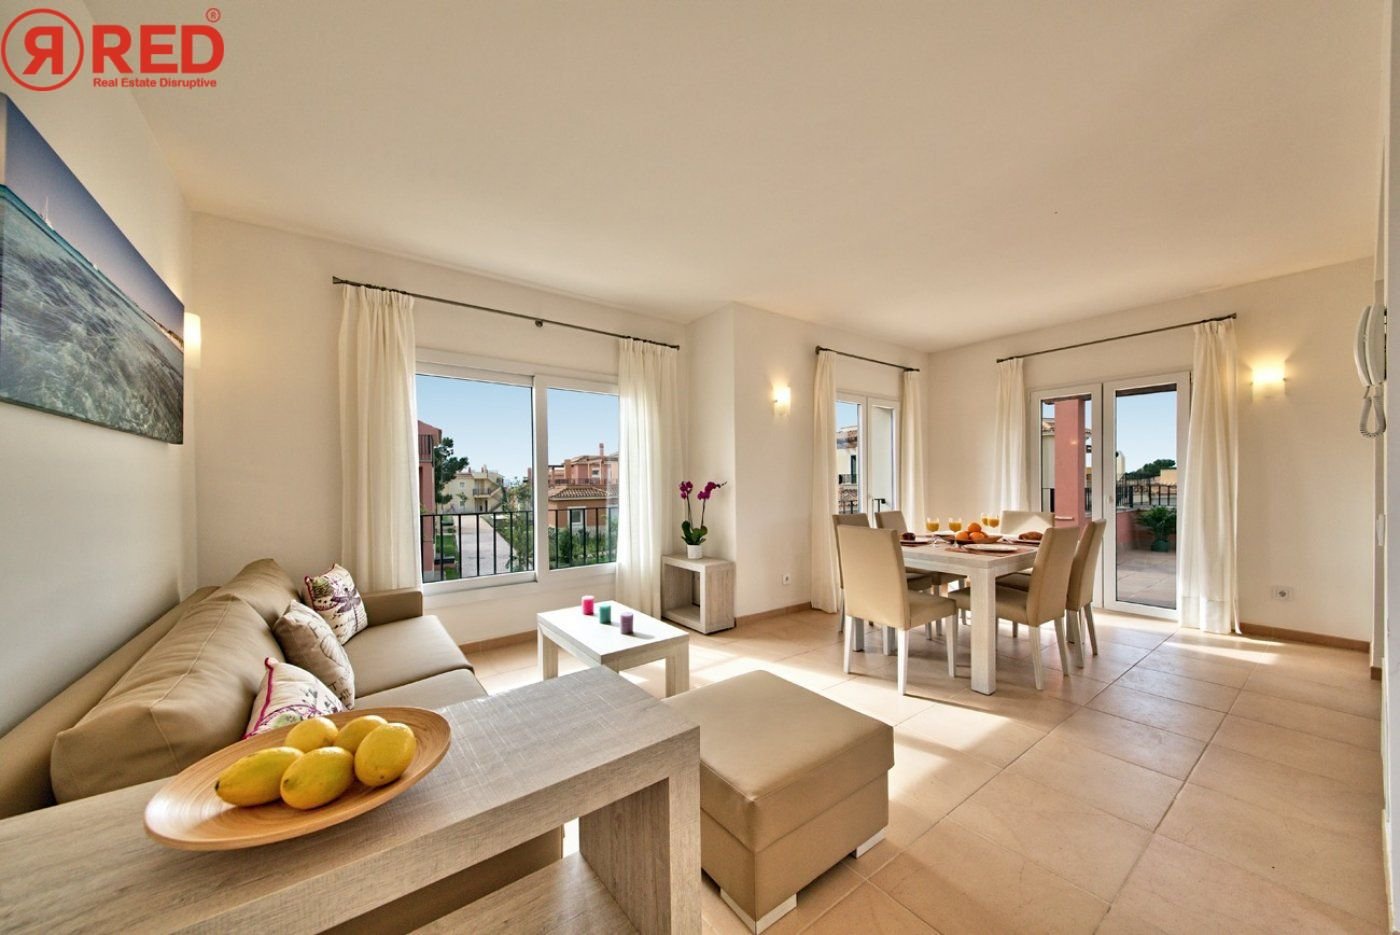 Se vende exclusivas viviendas de lujo en mallorca - imagenInmueble9